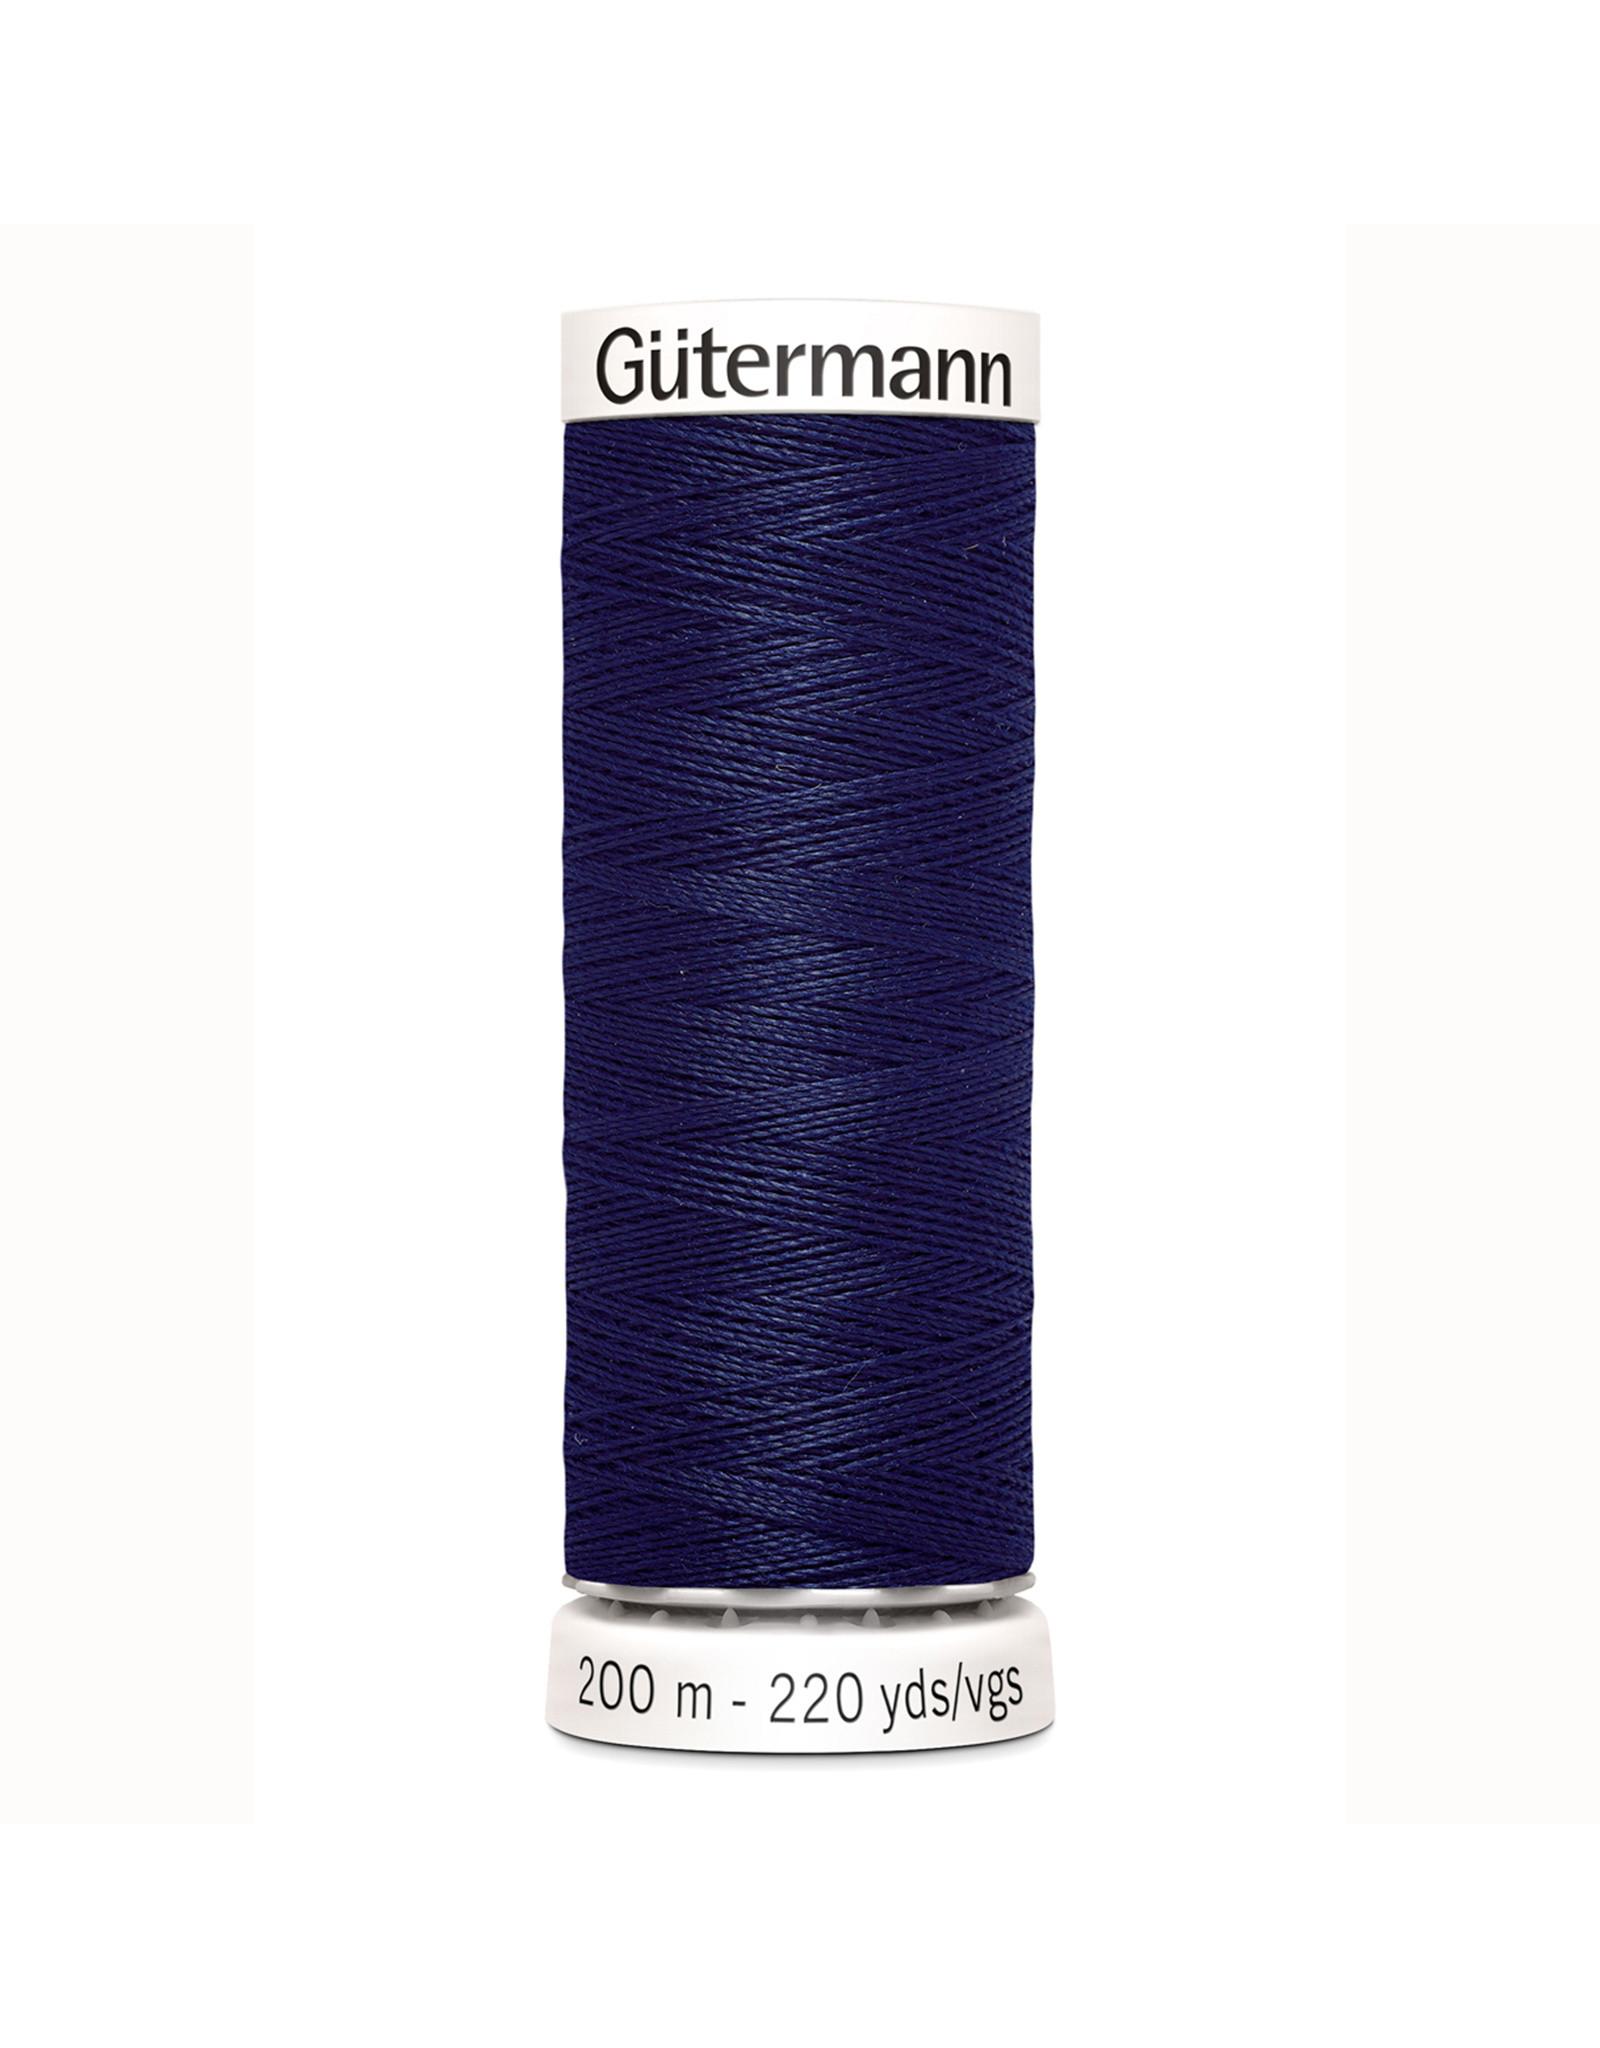 Gütermann Gütermann Sewing Thread 200 m - nr 310